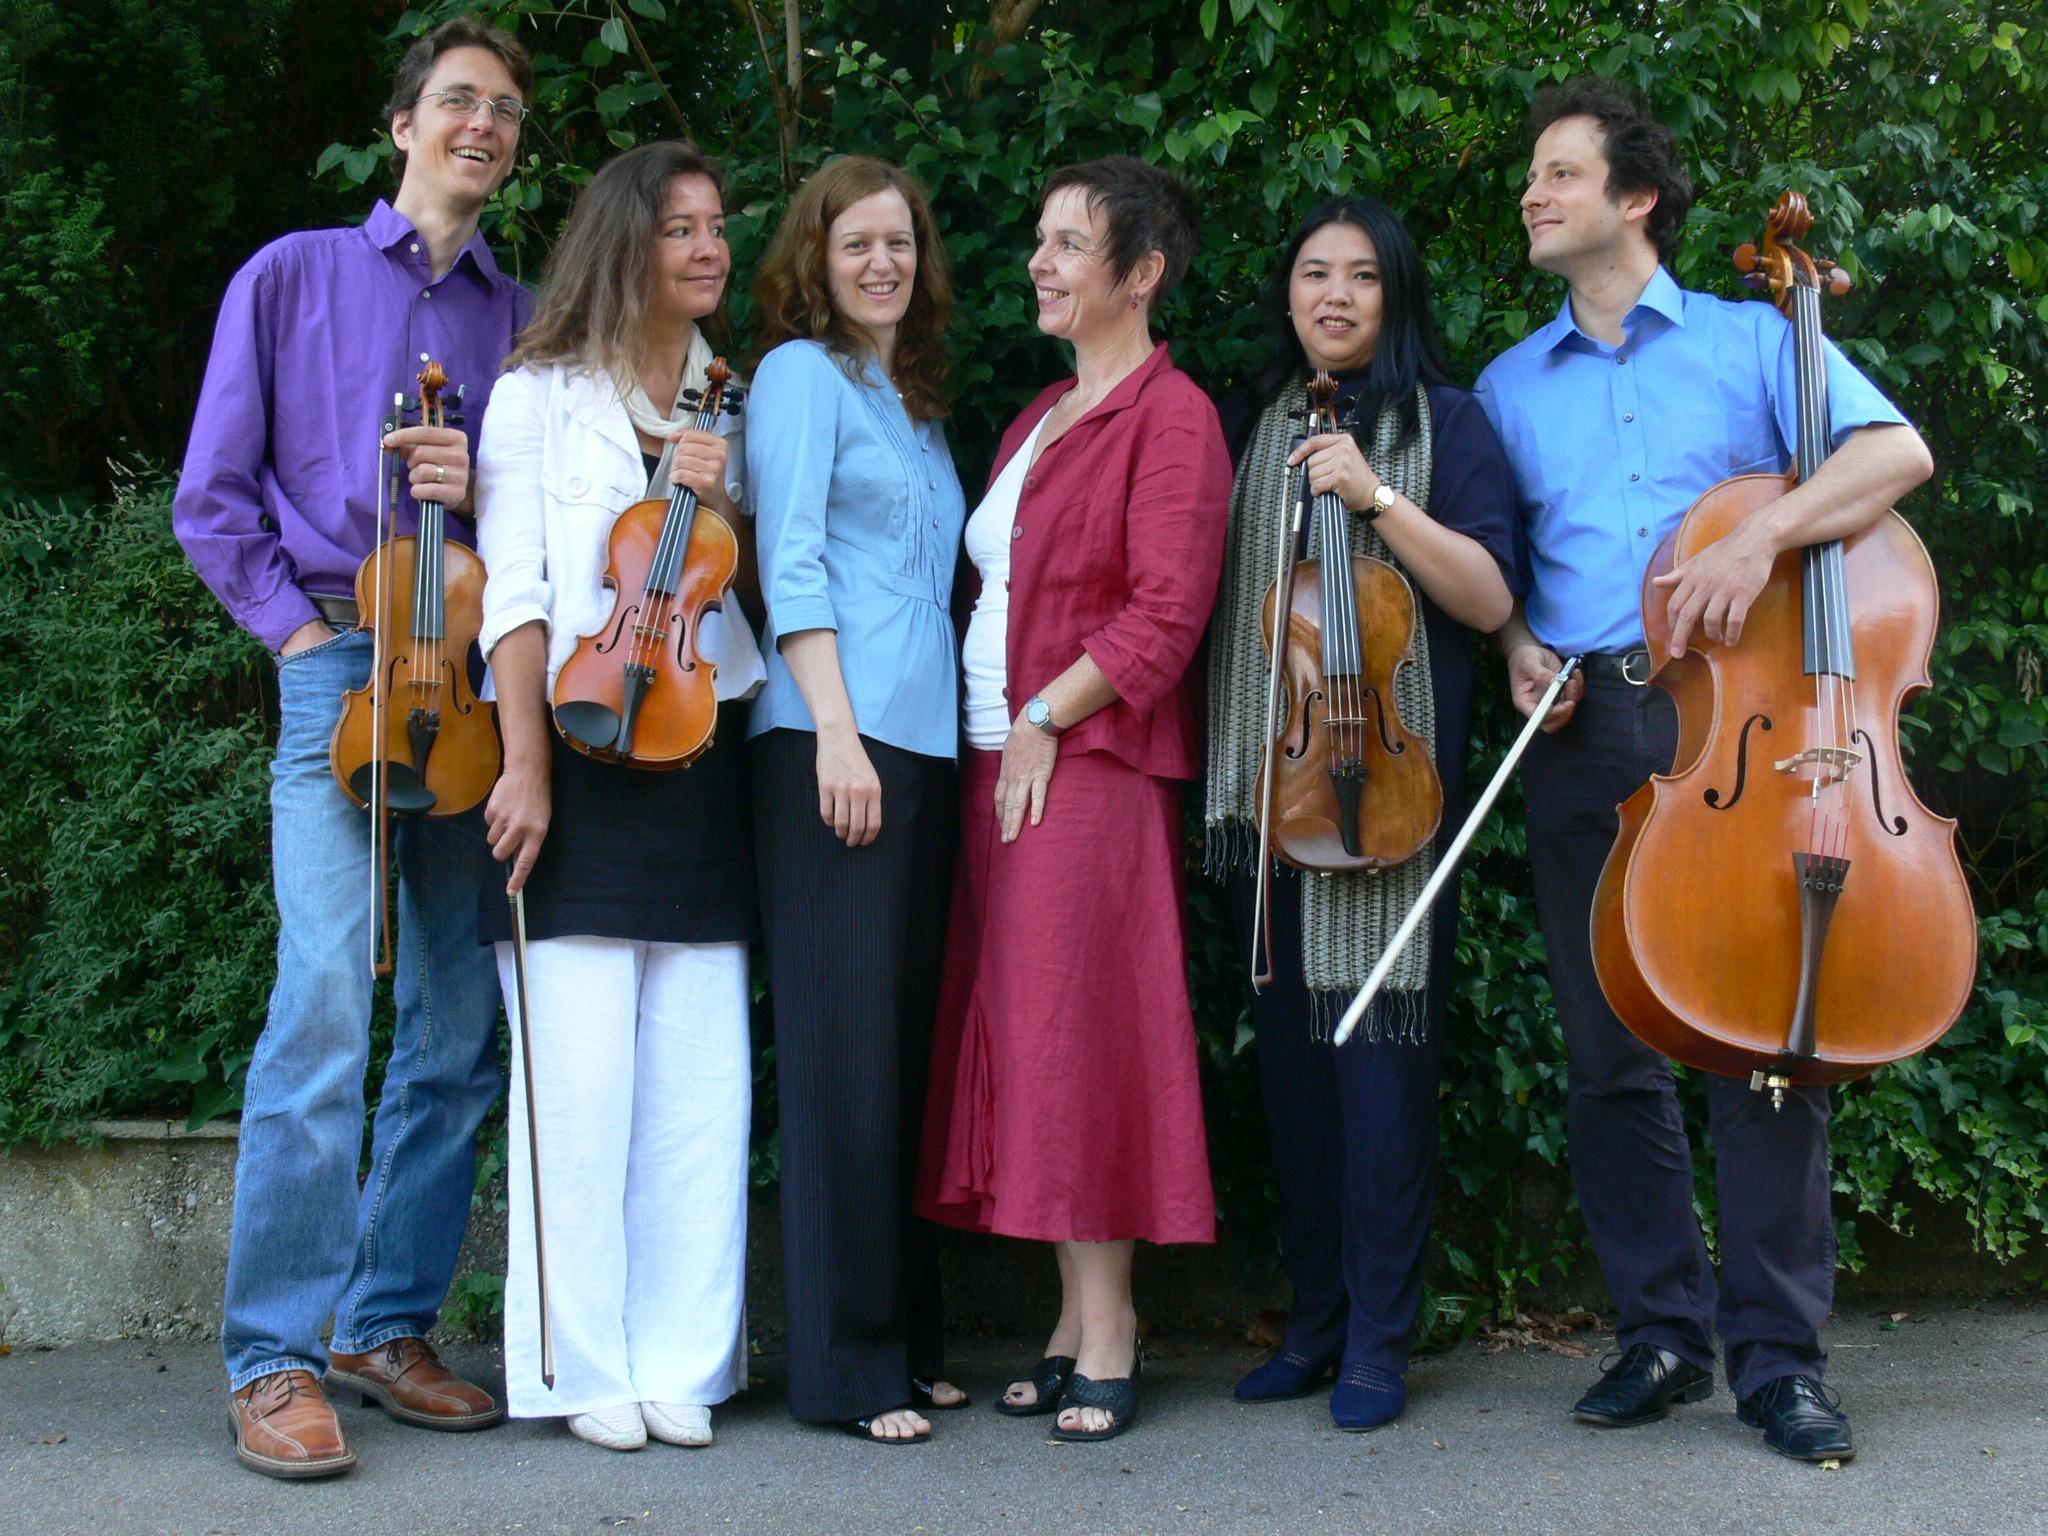 Konzerte zur Passion: sitio - mich dürstet